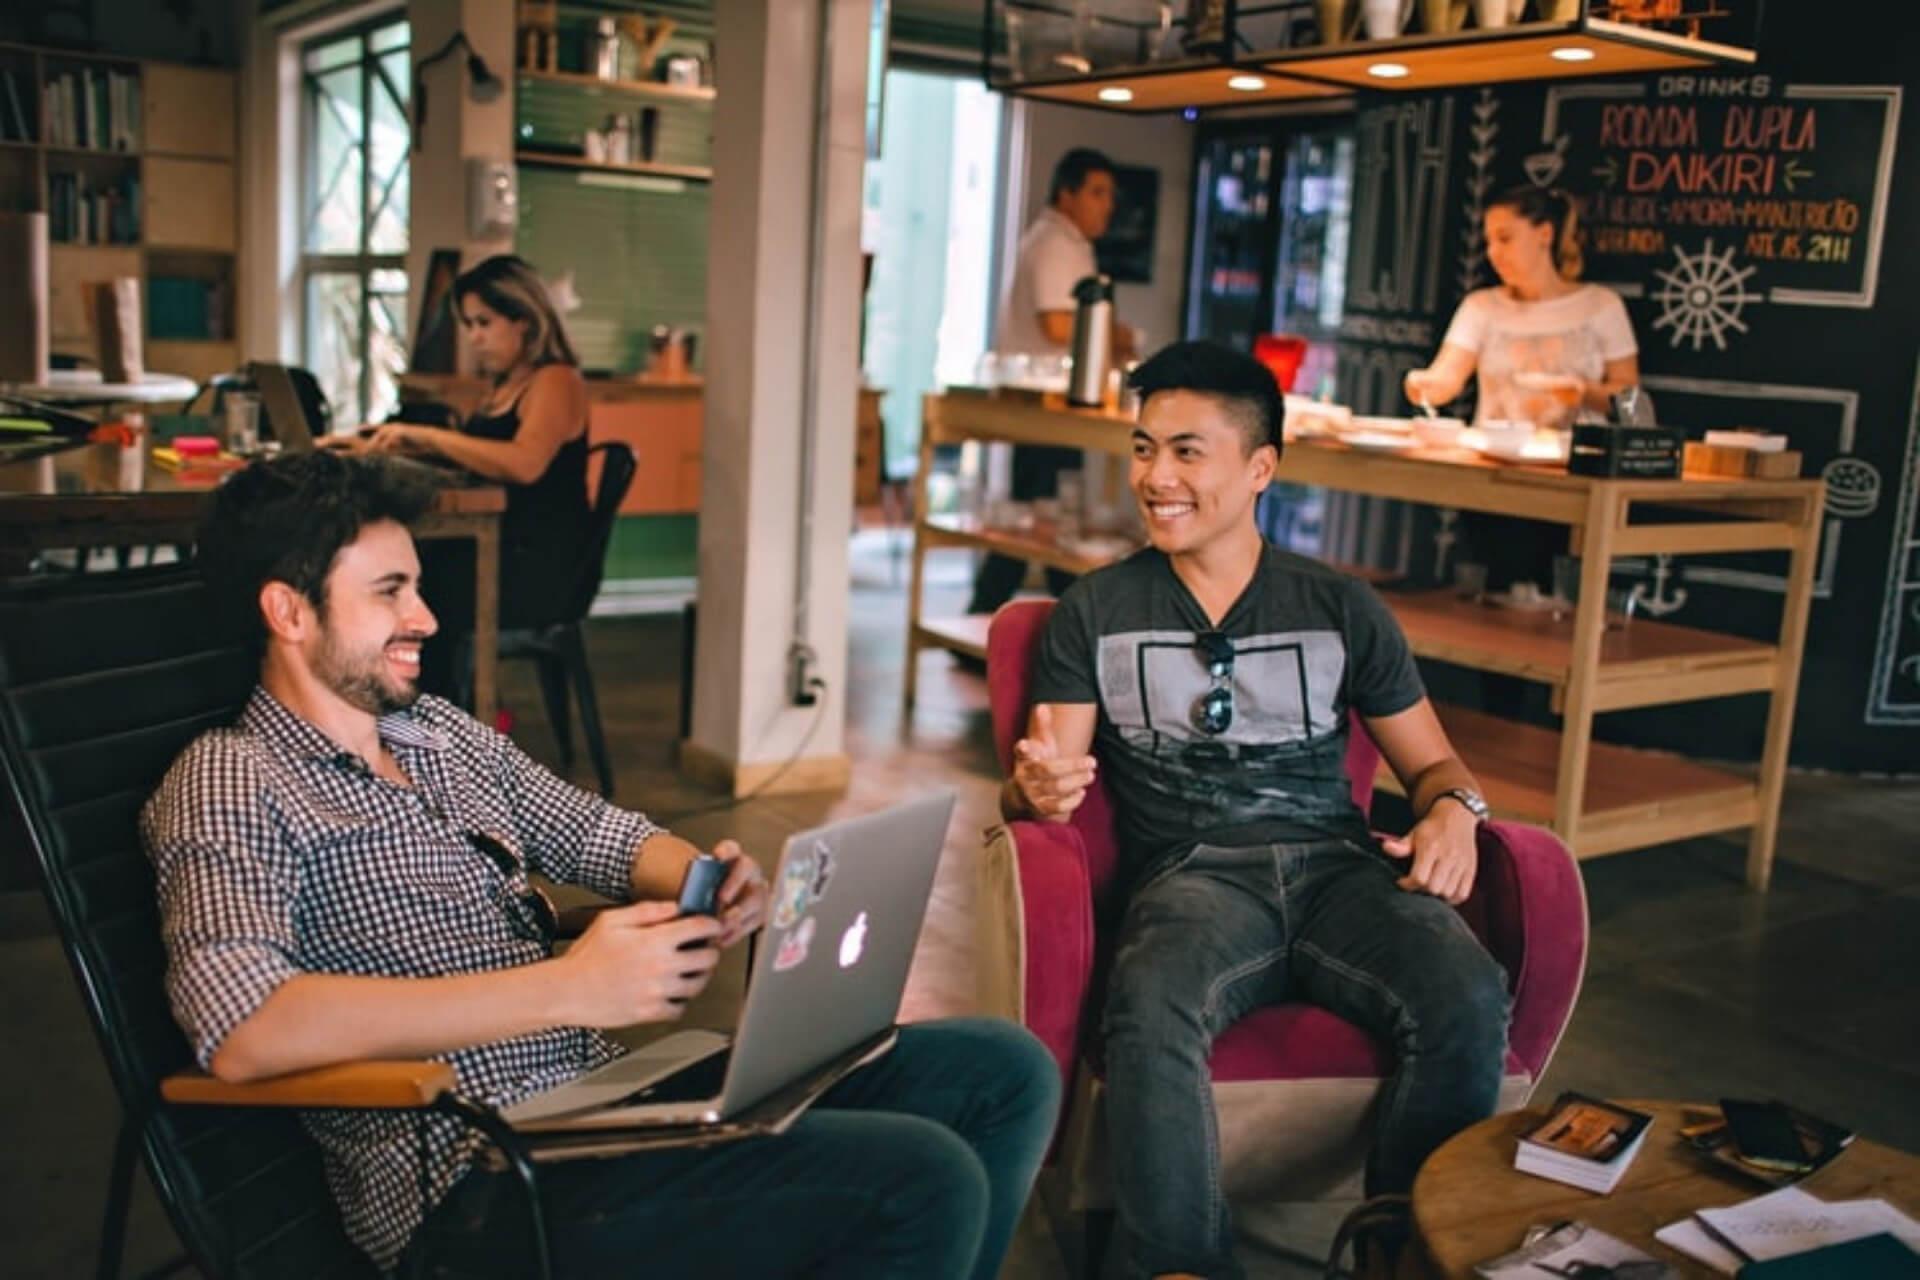 Dois Homens Sentados Na Empresa, Sorrindo Um Para O Outro.